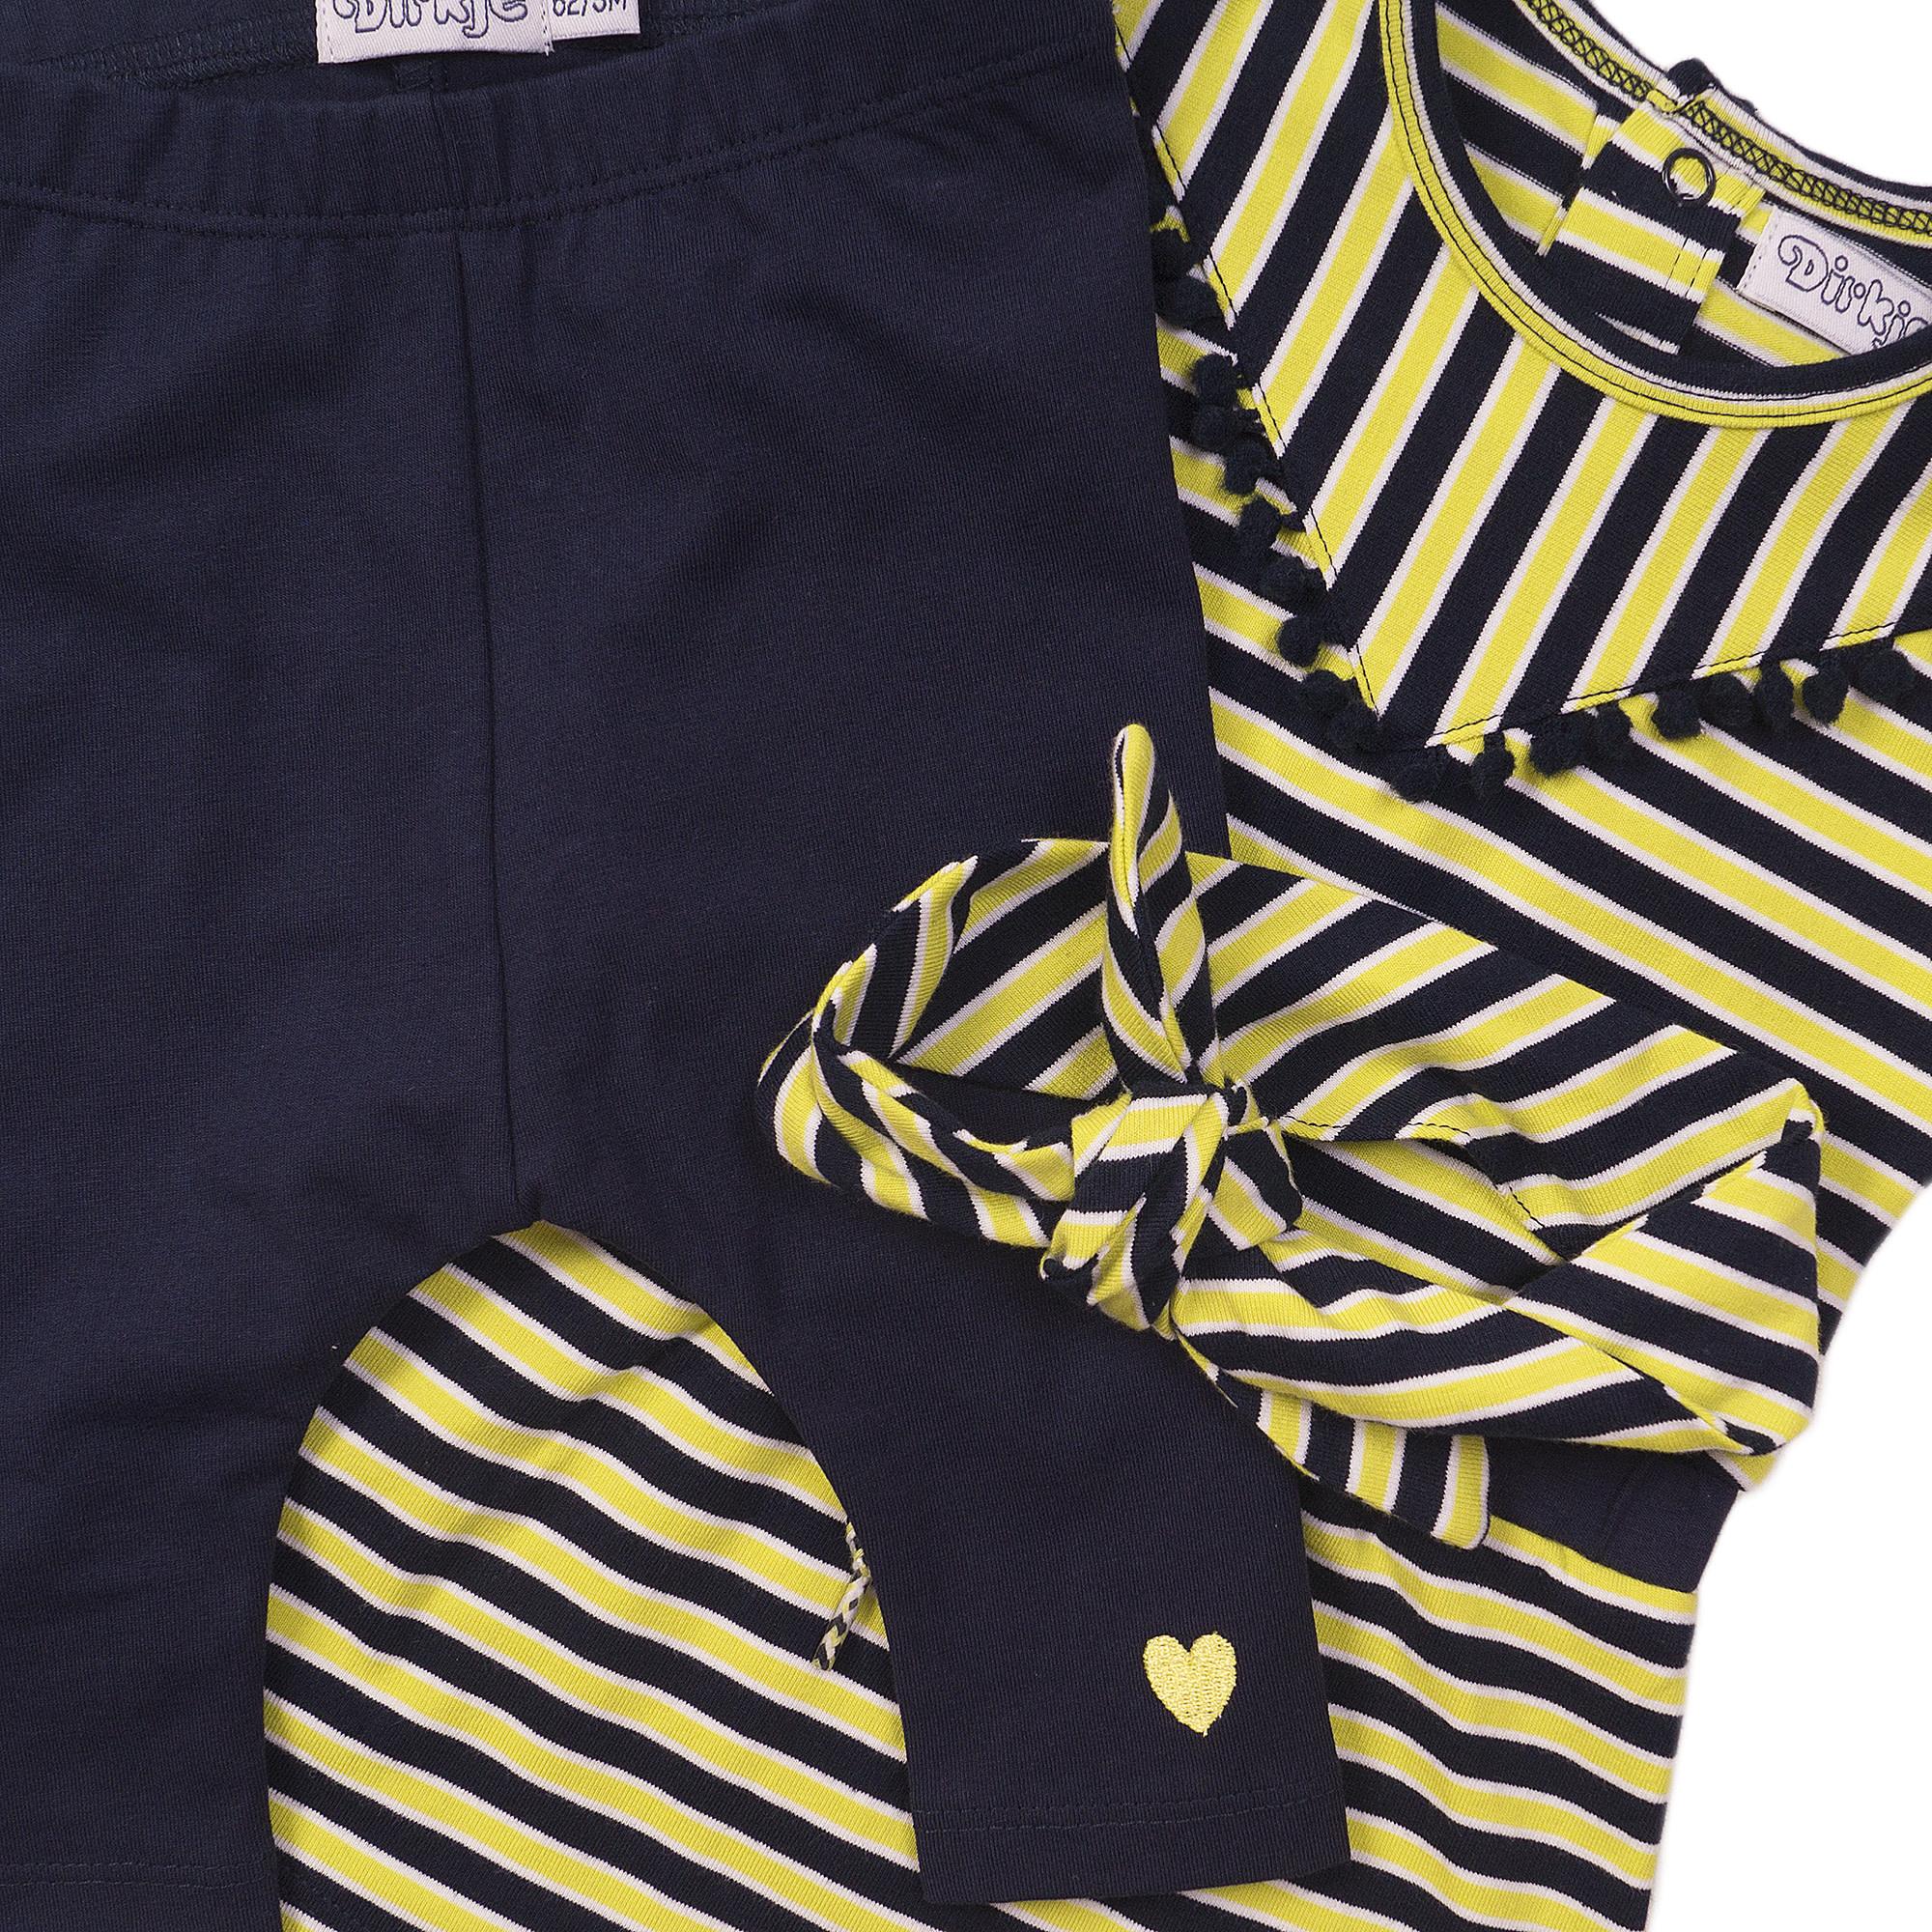 Navy/Chartreuse Stripe 3 Pc Set